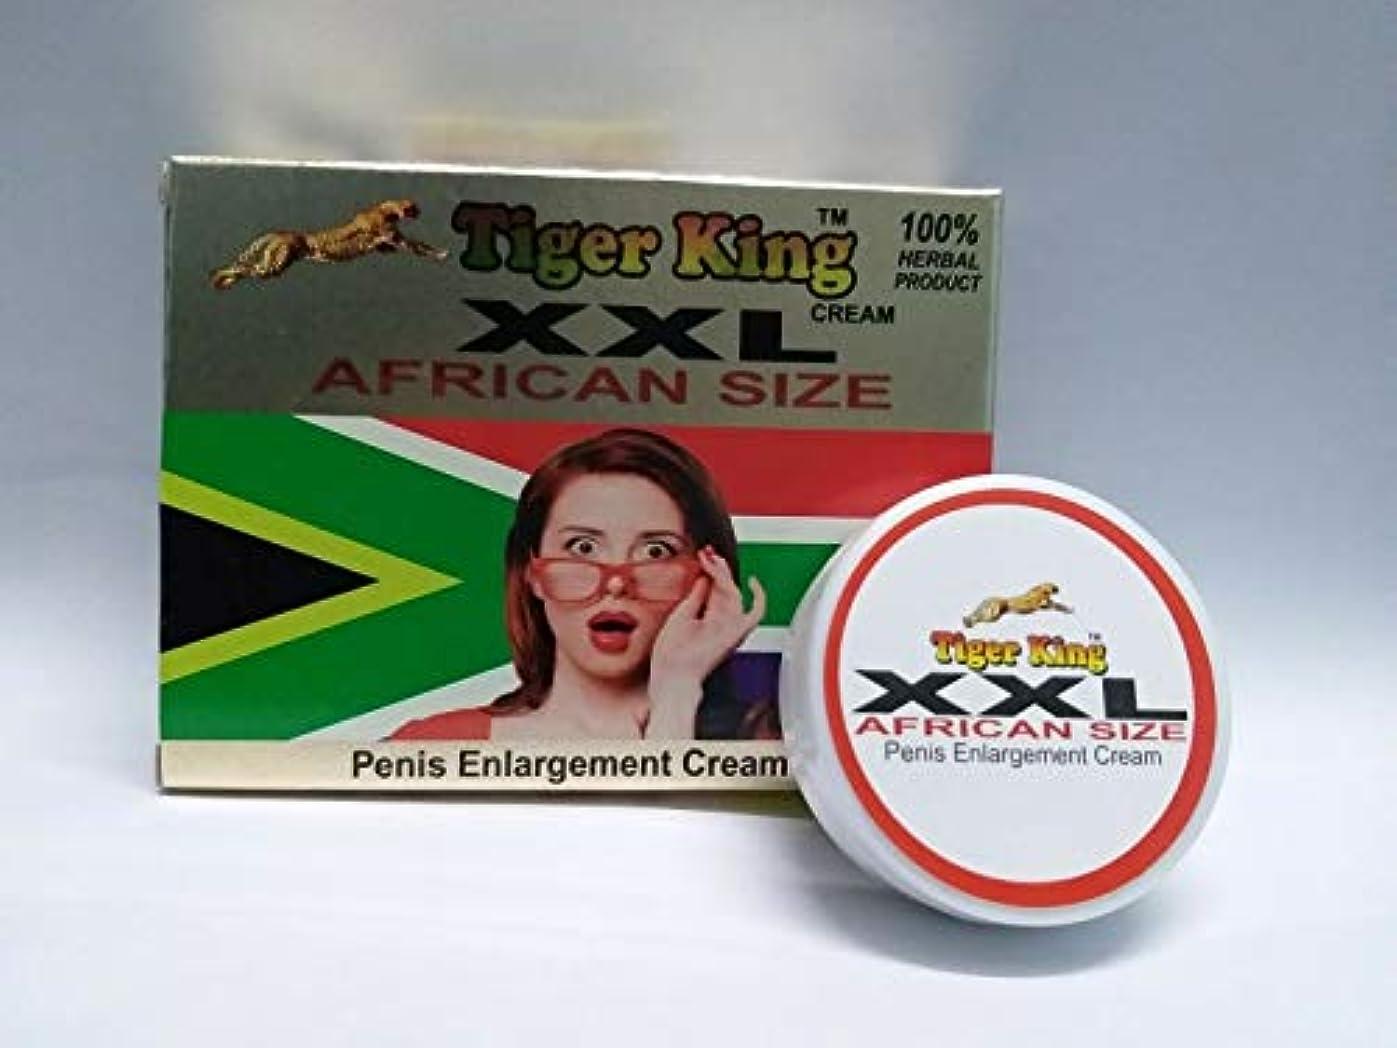 着るクラッシュ旅行代理店Herbal XXL African size 25 gram Penis Enlargement Cream Only For Men Herbal Cream 人のための草のXXLアフリカのサイズの陰茎の拡大クリームだけ